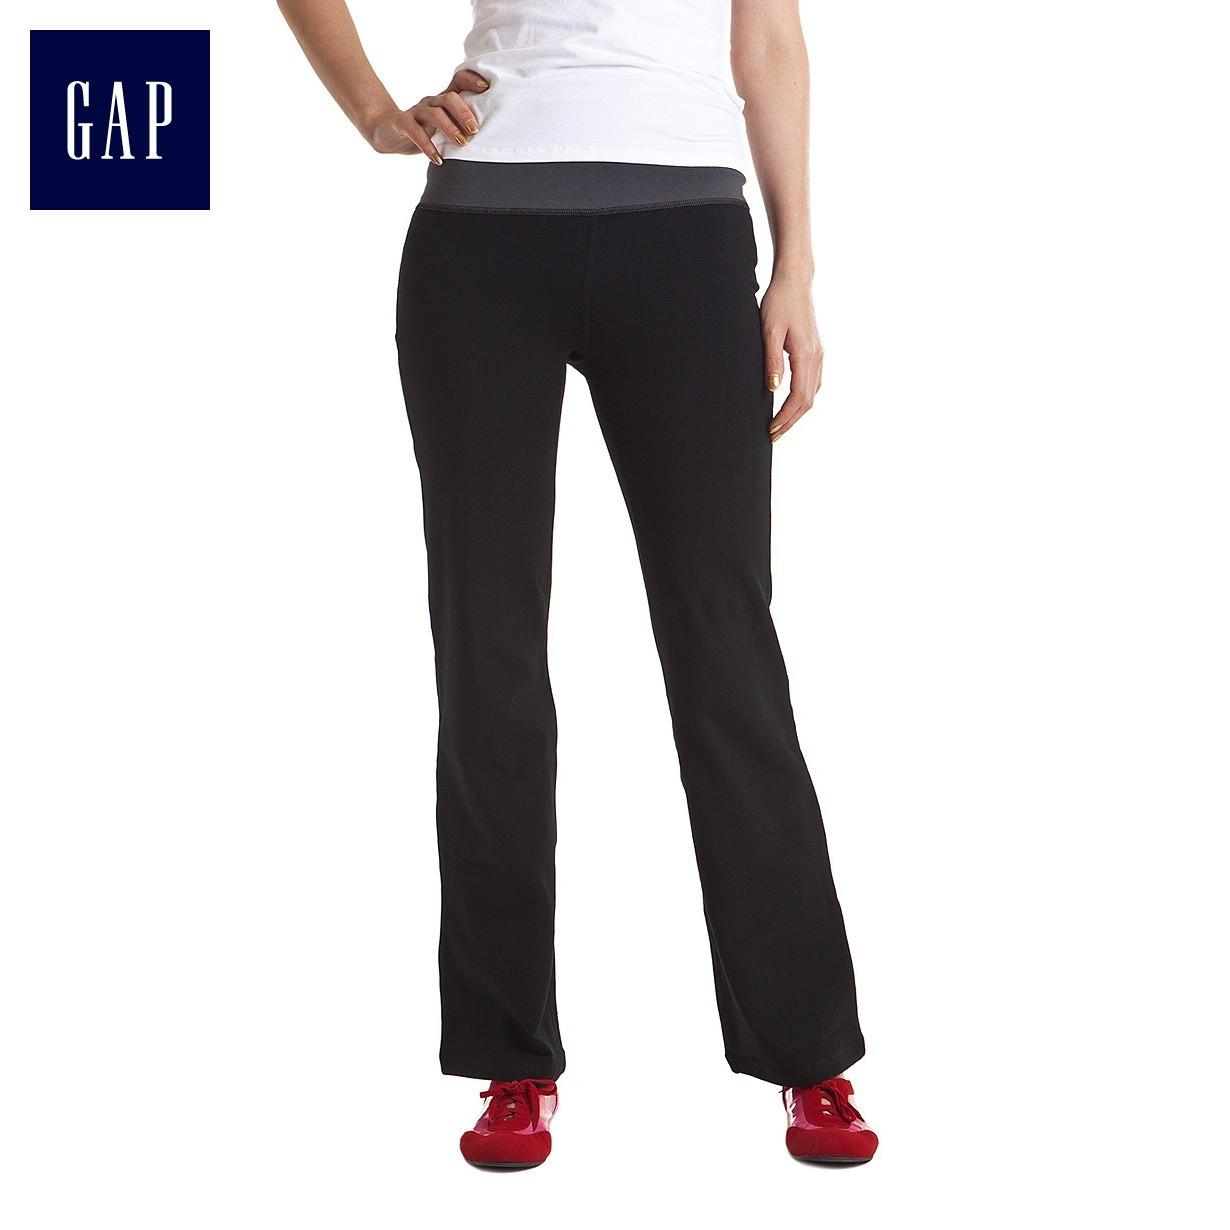 Штаны для фитнеса GAP 000783684 783684 199